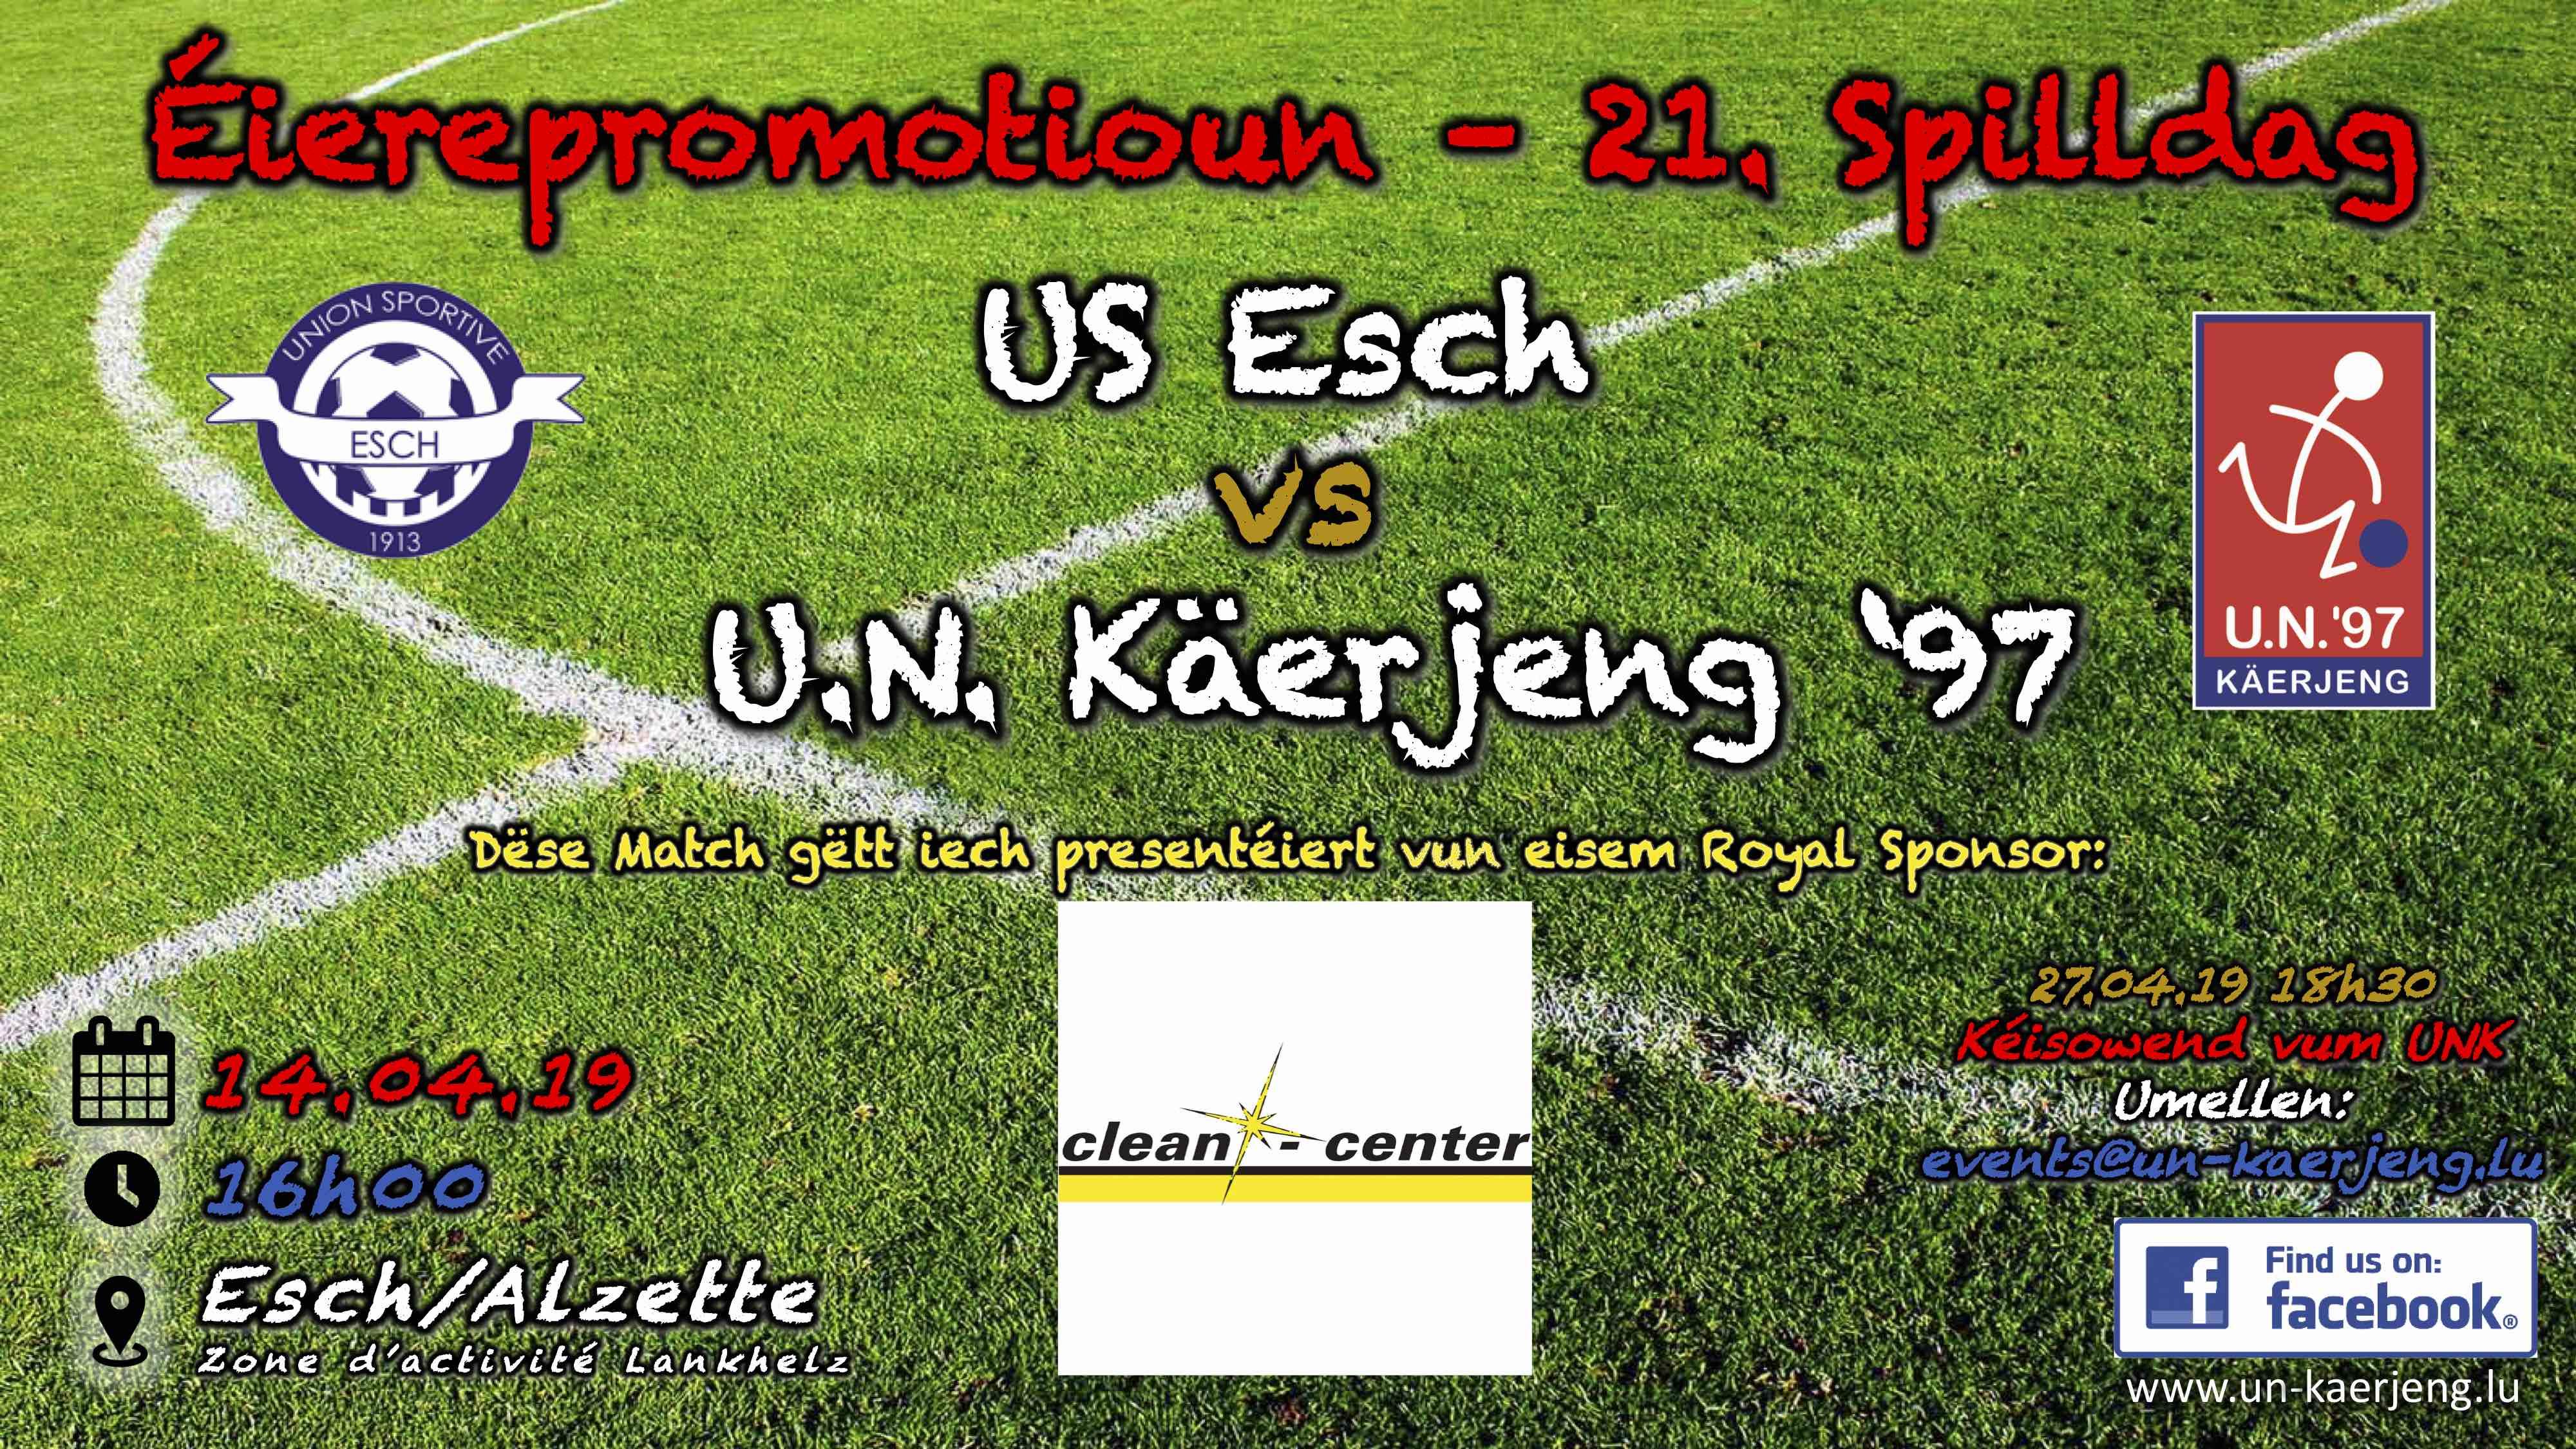 *** US Esch - UNK ***